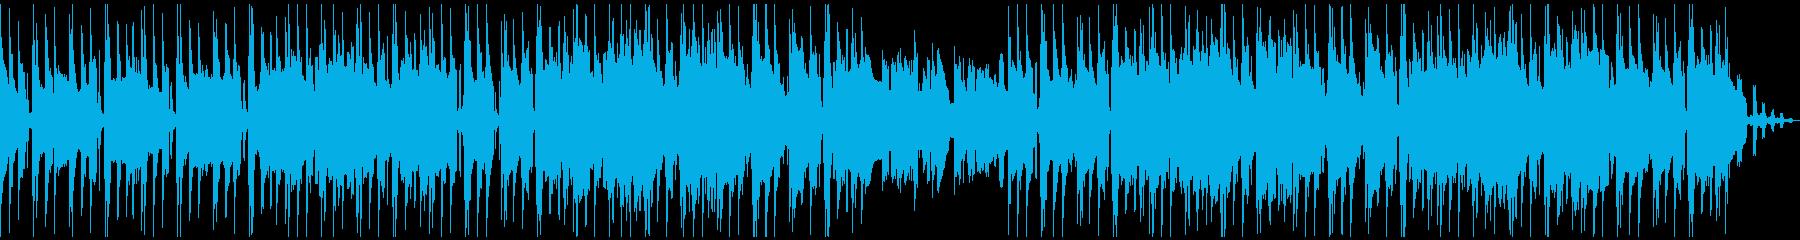 グルーヴィーで圧倒的なファンクチュ...の再生済みの波形